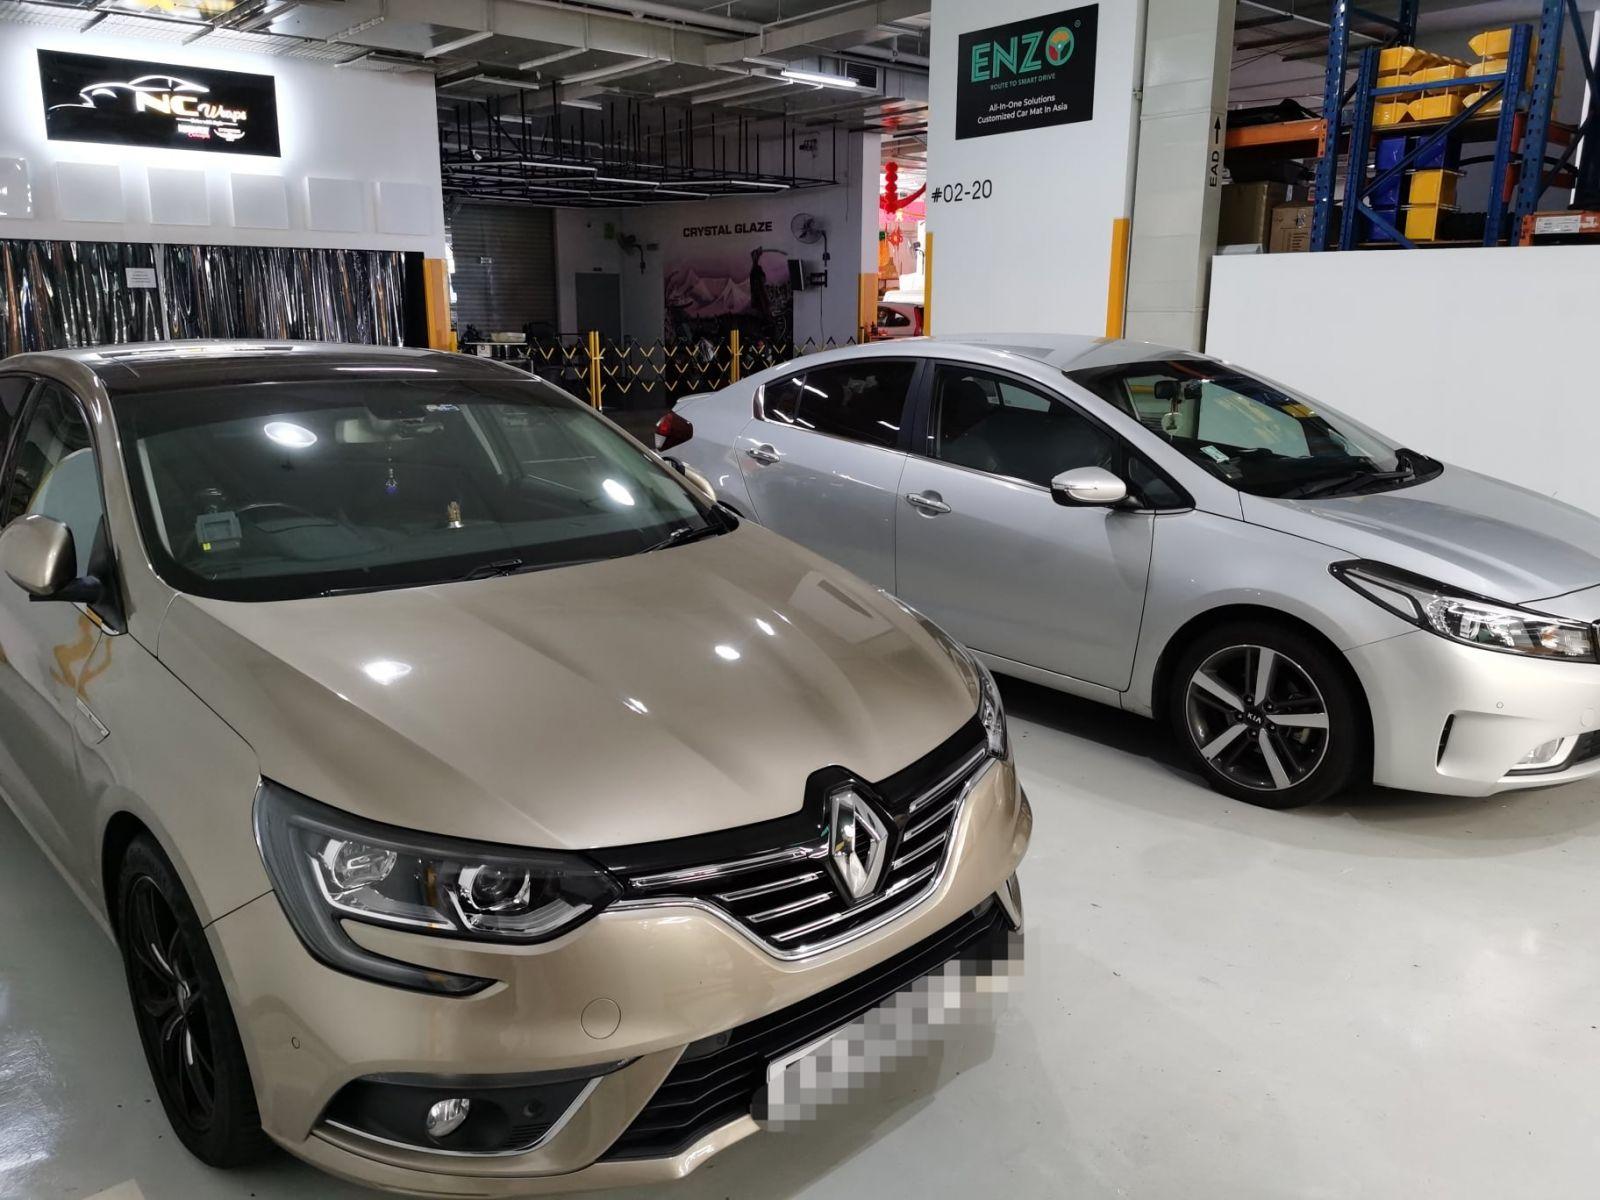 ENZO Renault Megane Premium Car Mat